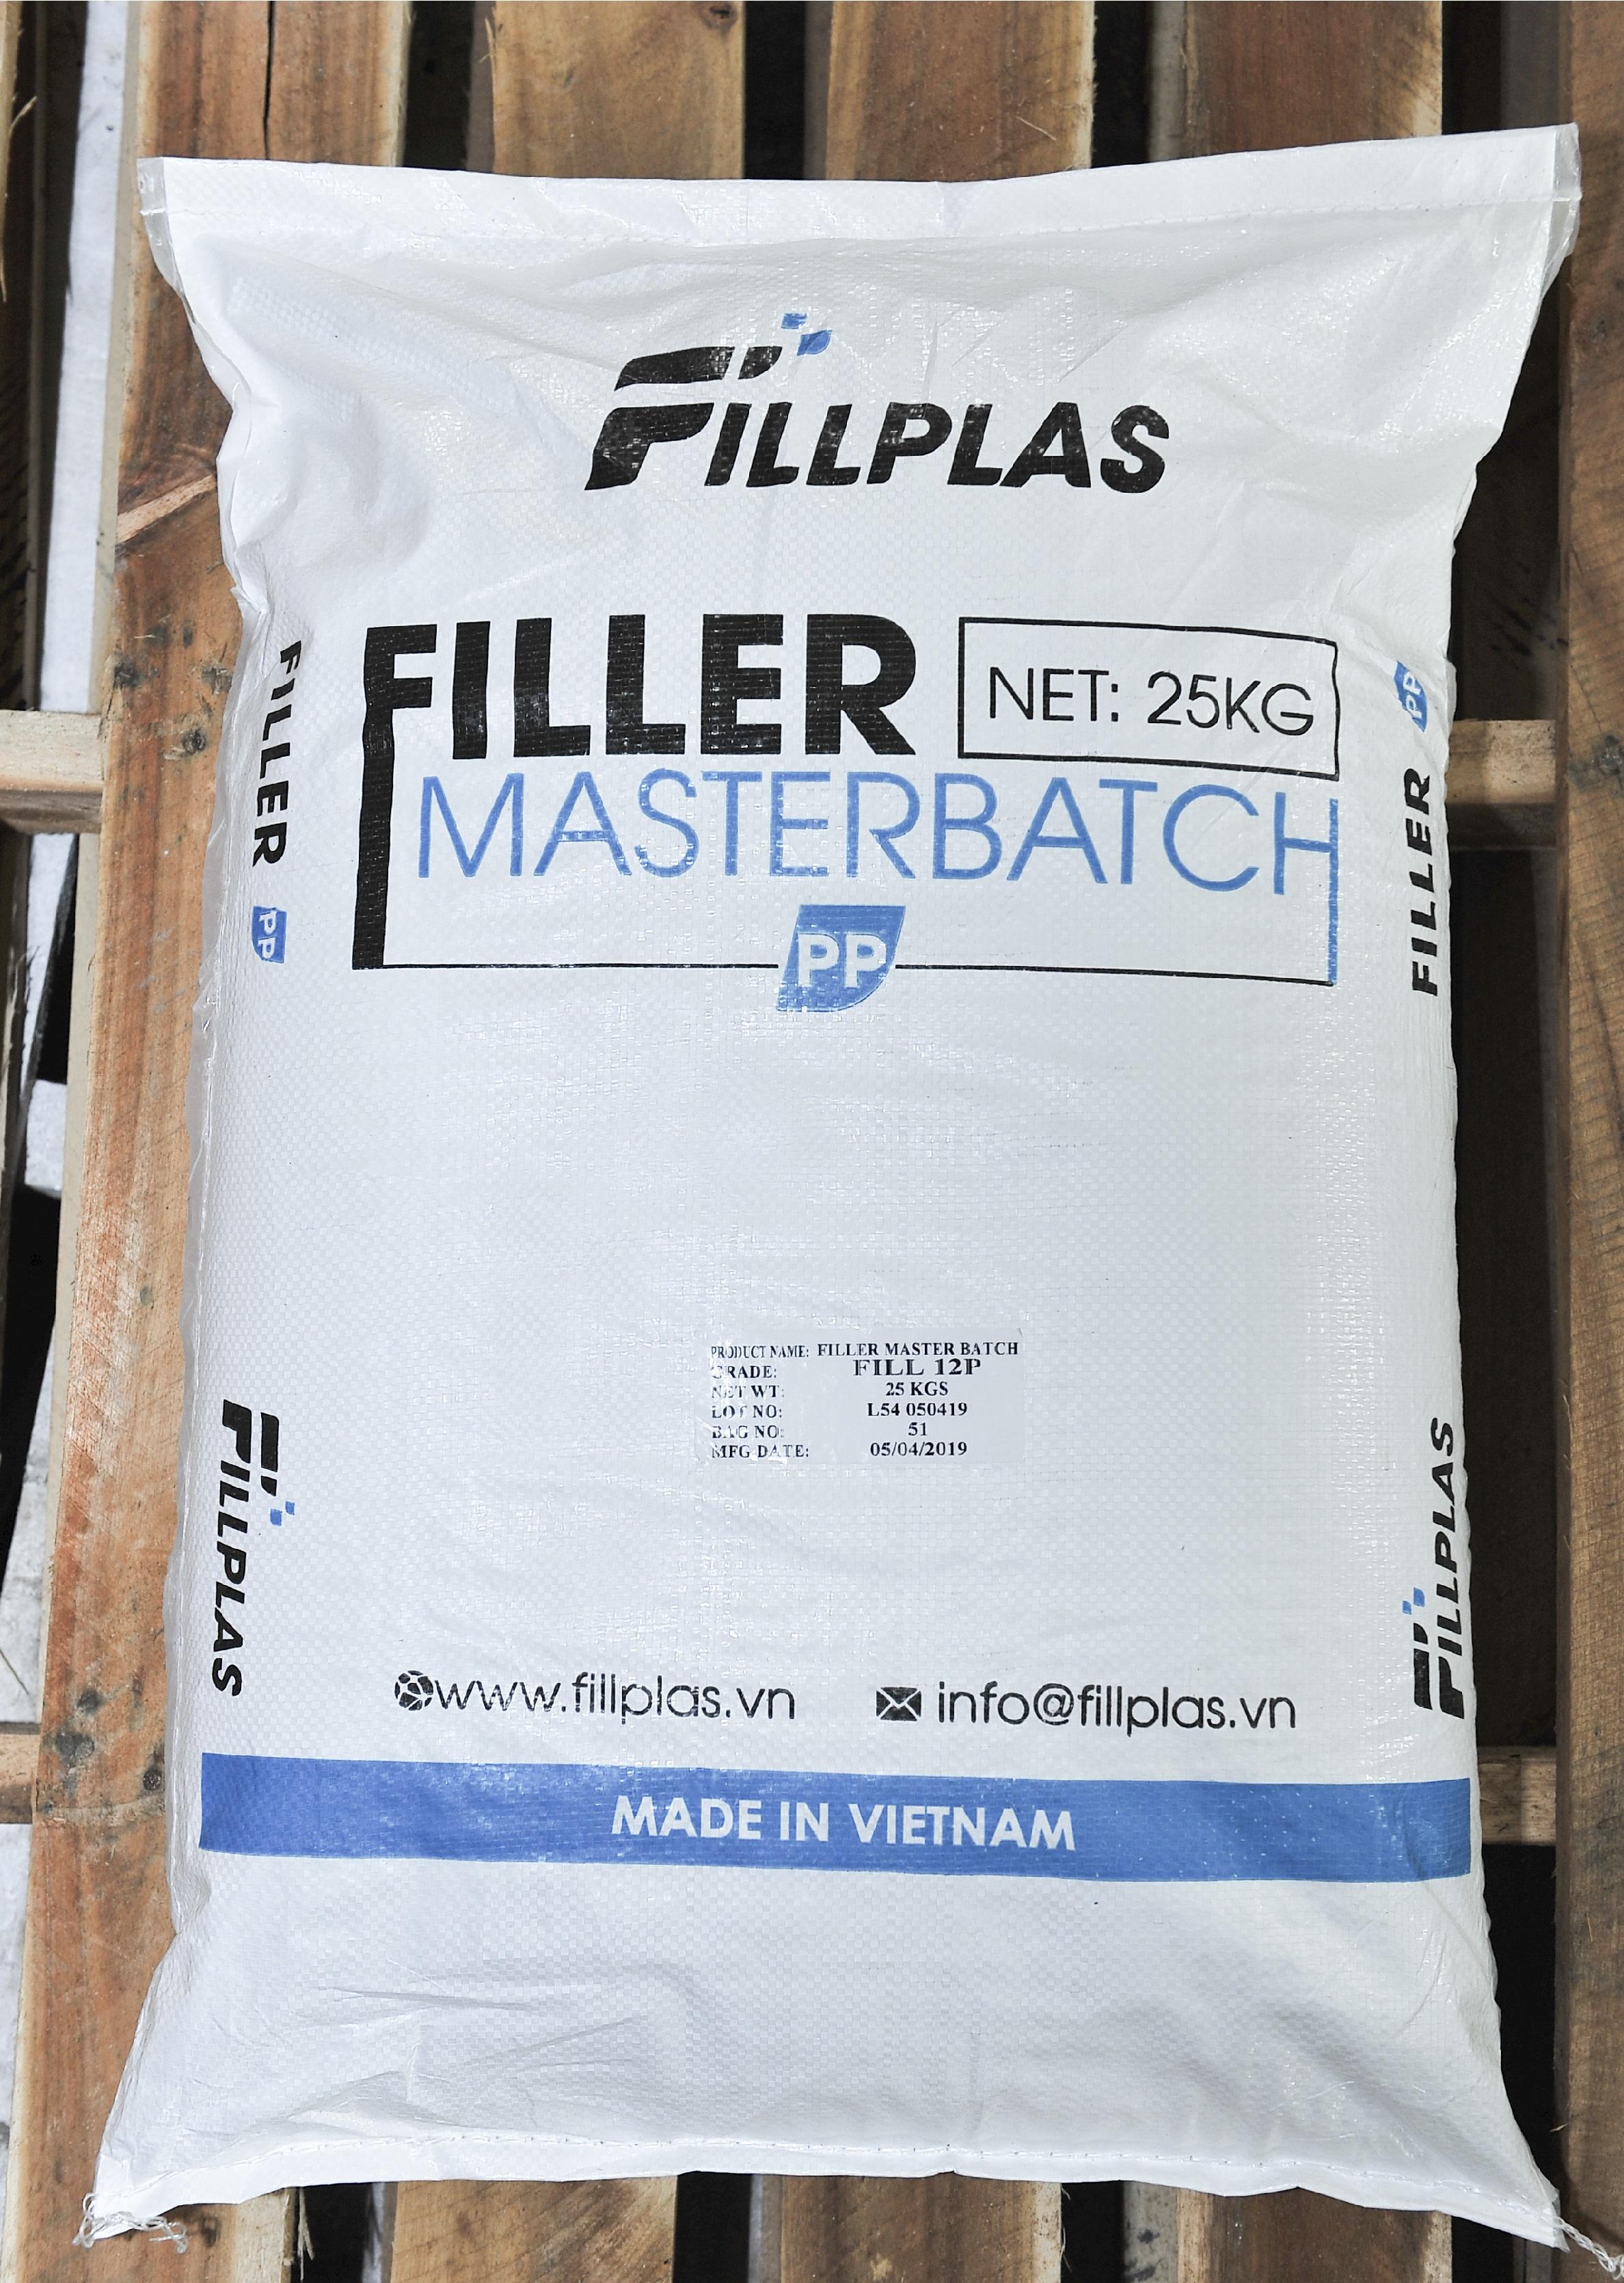 Fillplas-PP-bags-granules